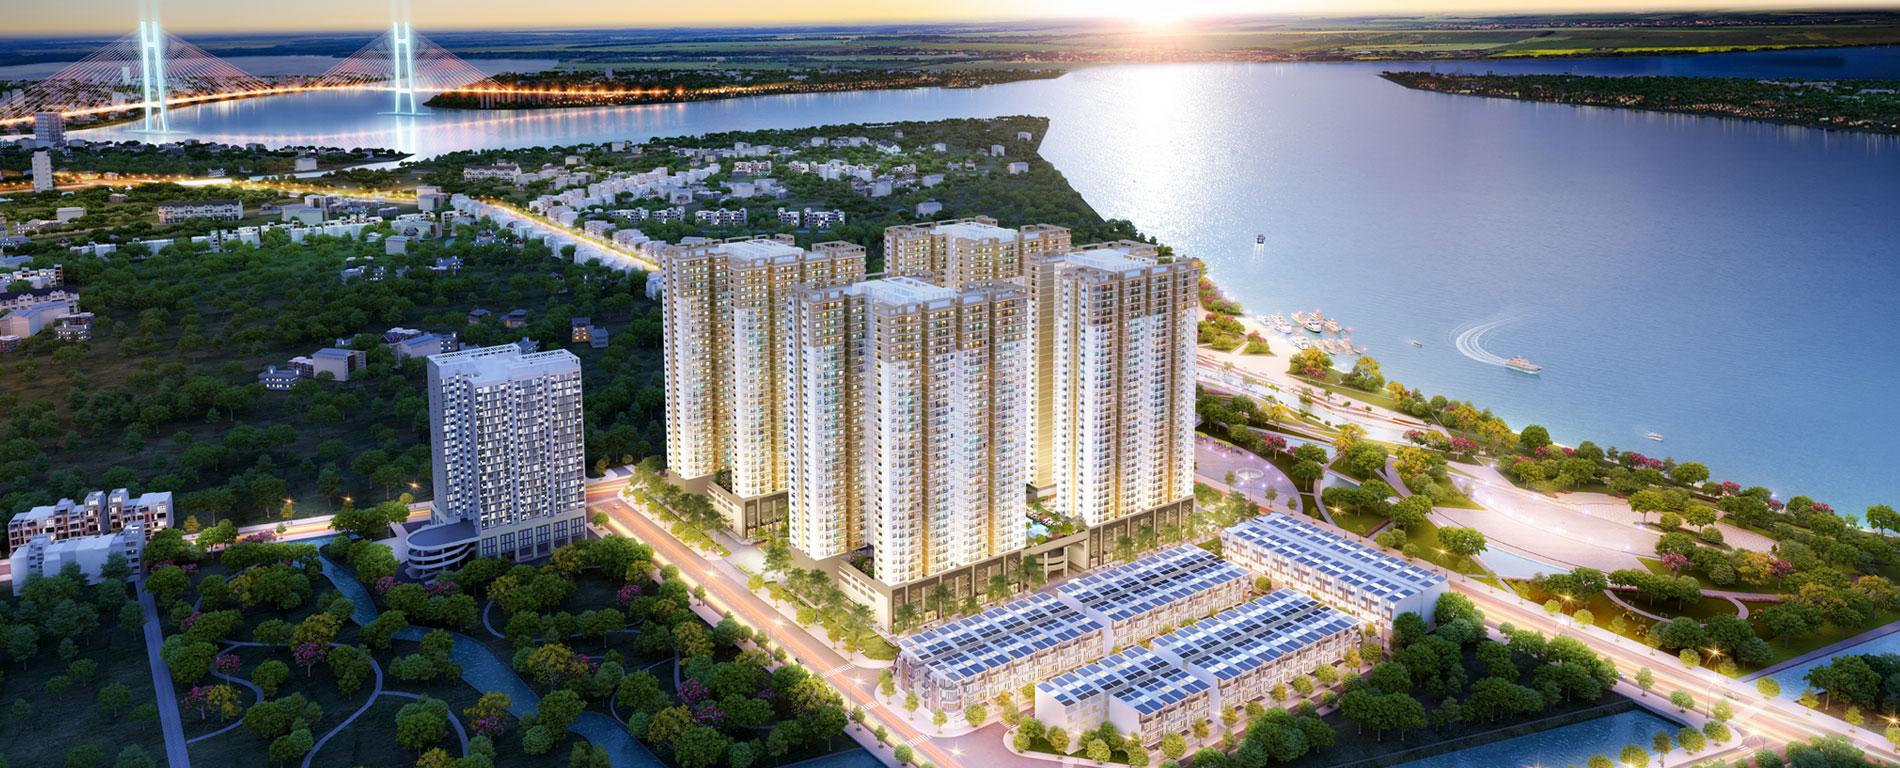 Dự án căn hộ Saigon Riverside Complex của chủ đầu tư Hưng Thịnh